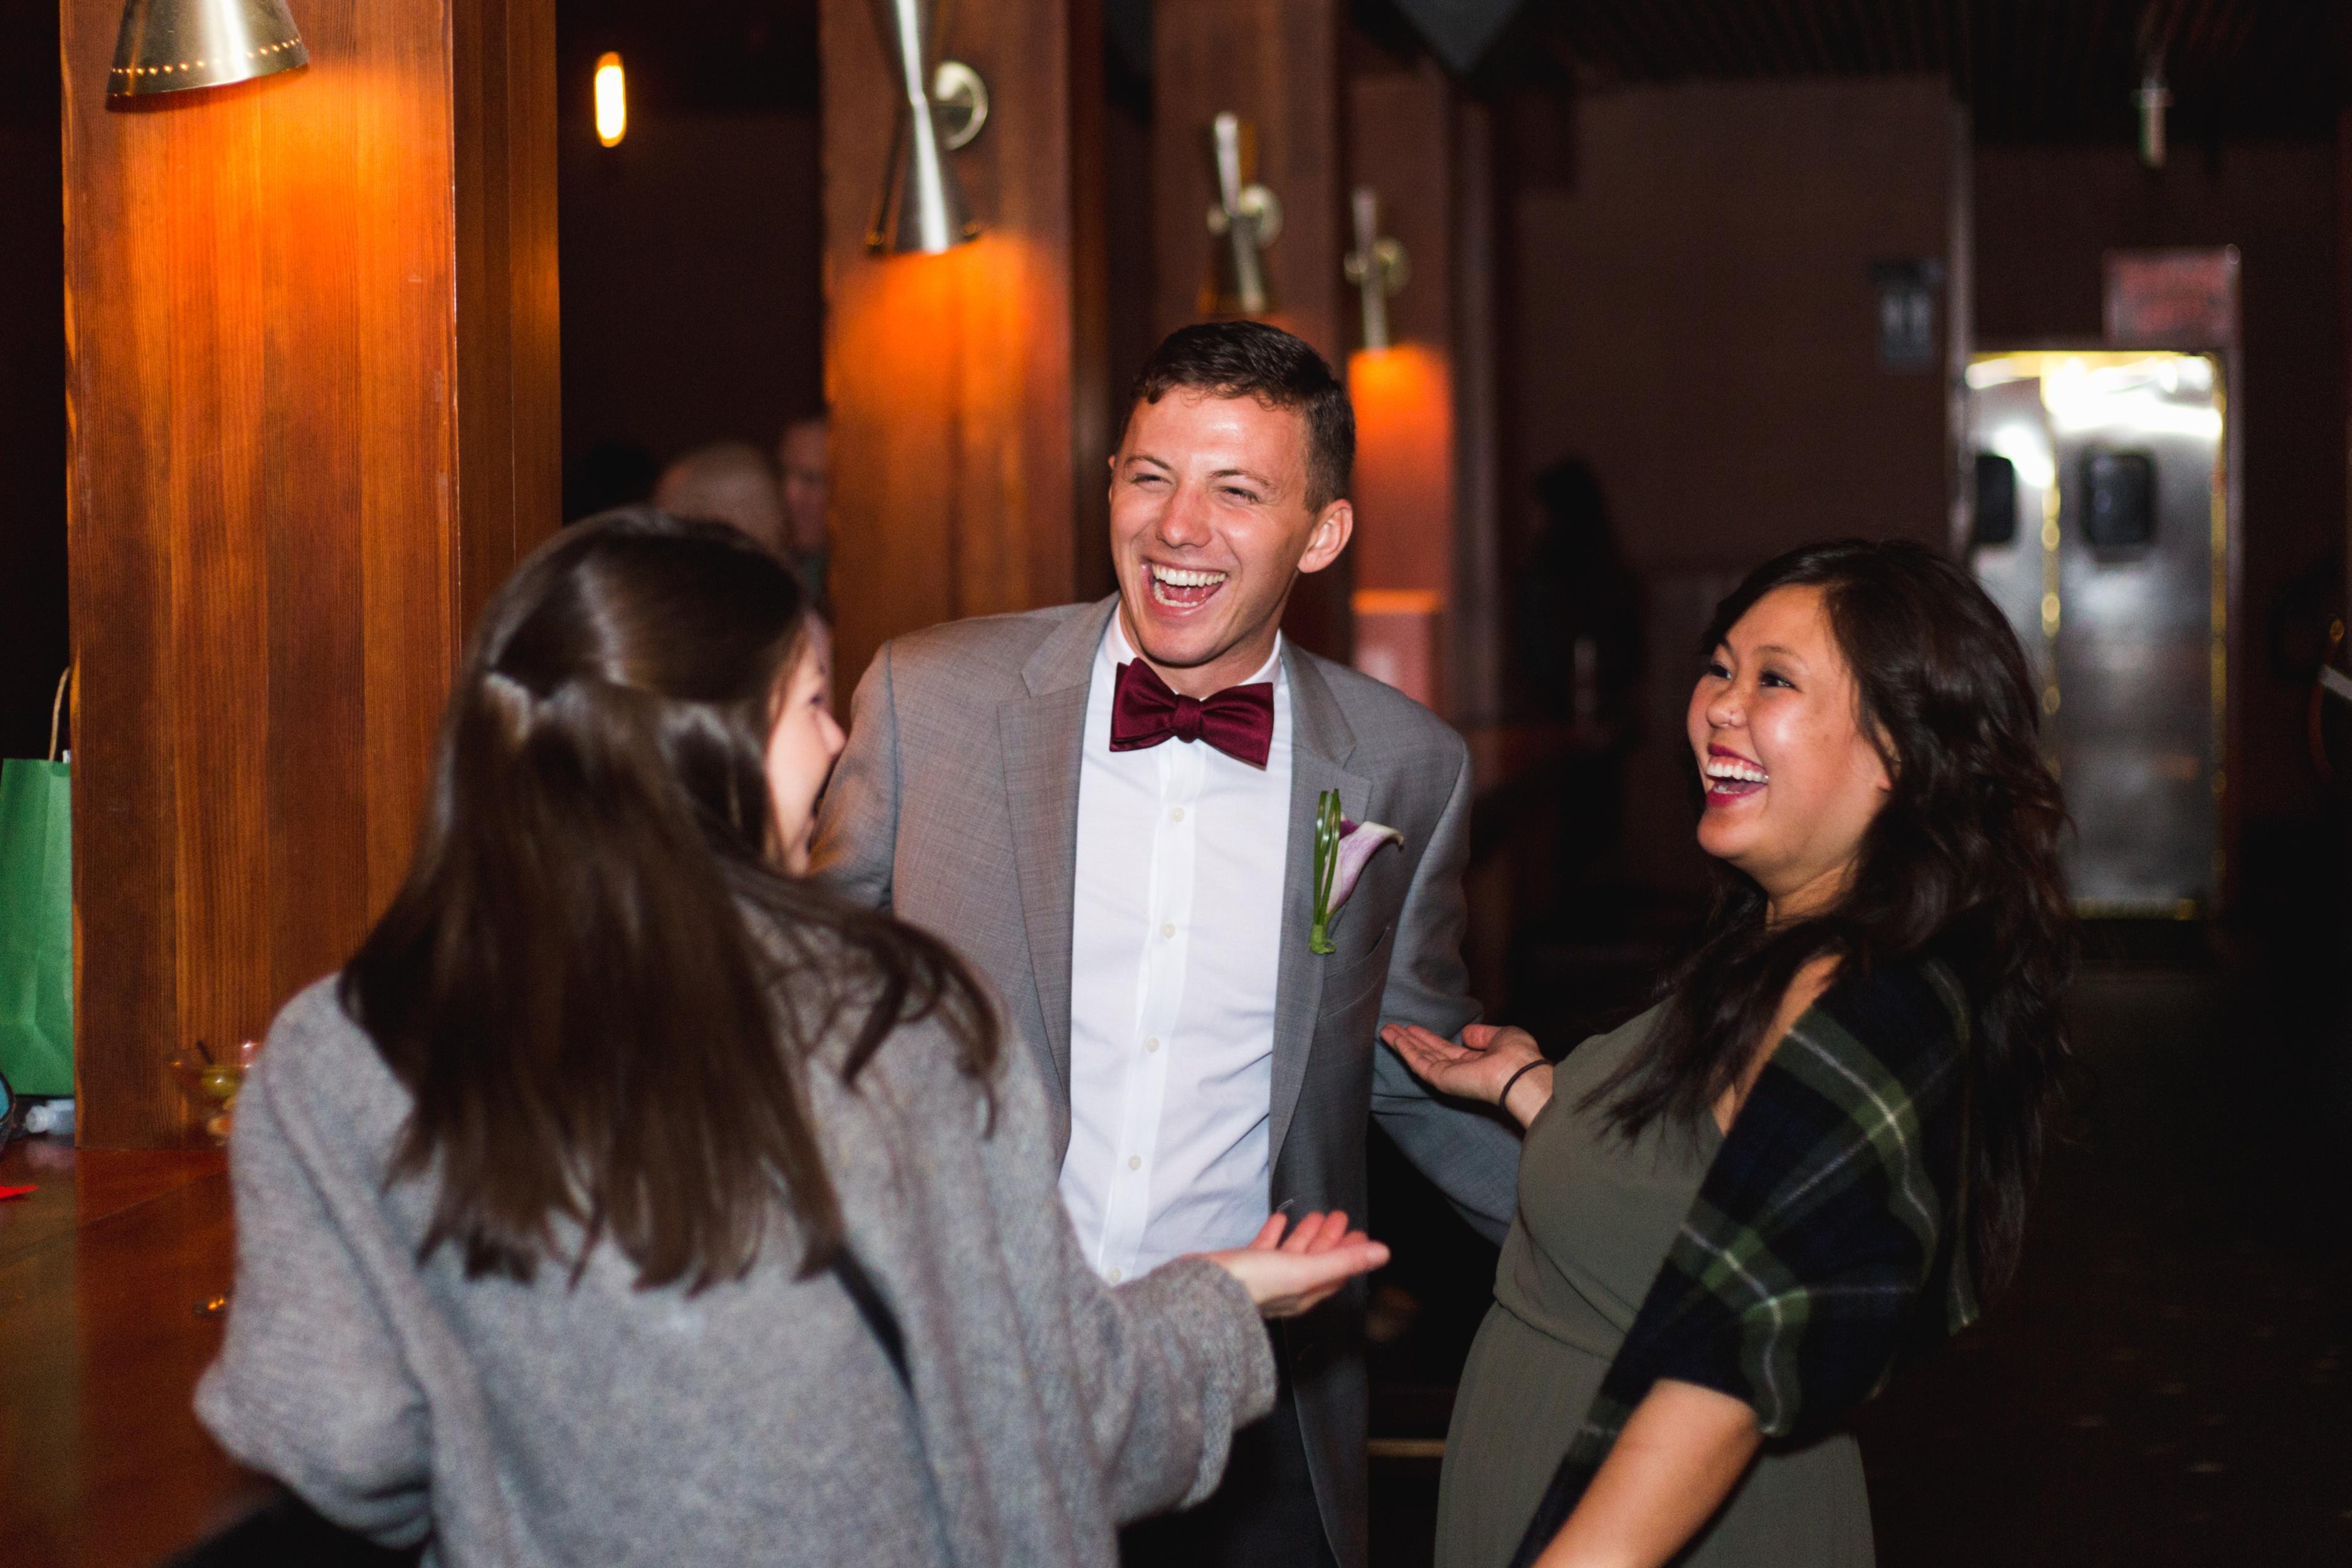 bruno-nightclub-wedding-reception-san-francisco